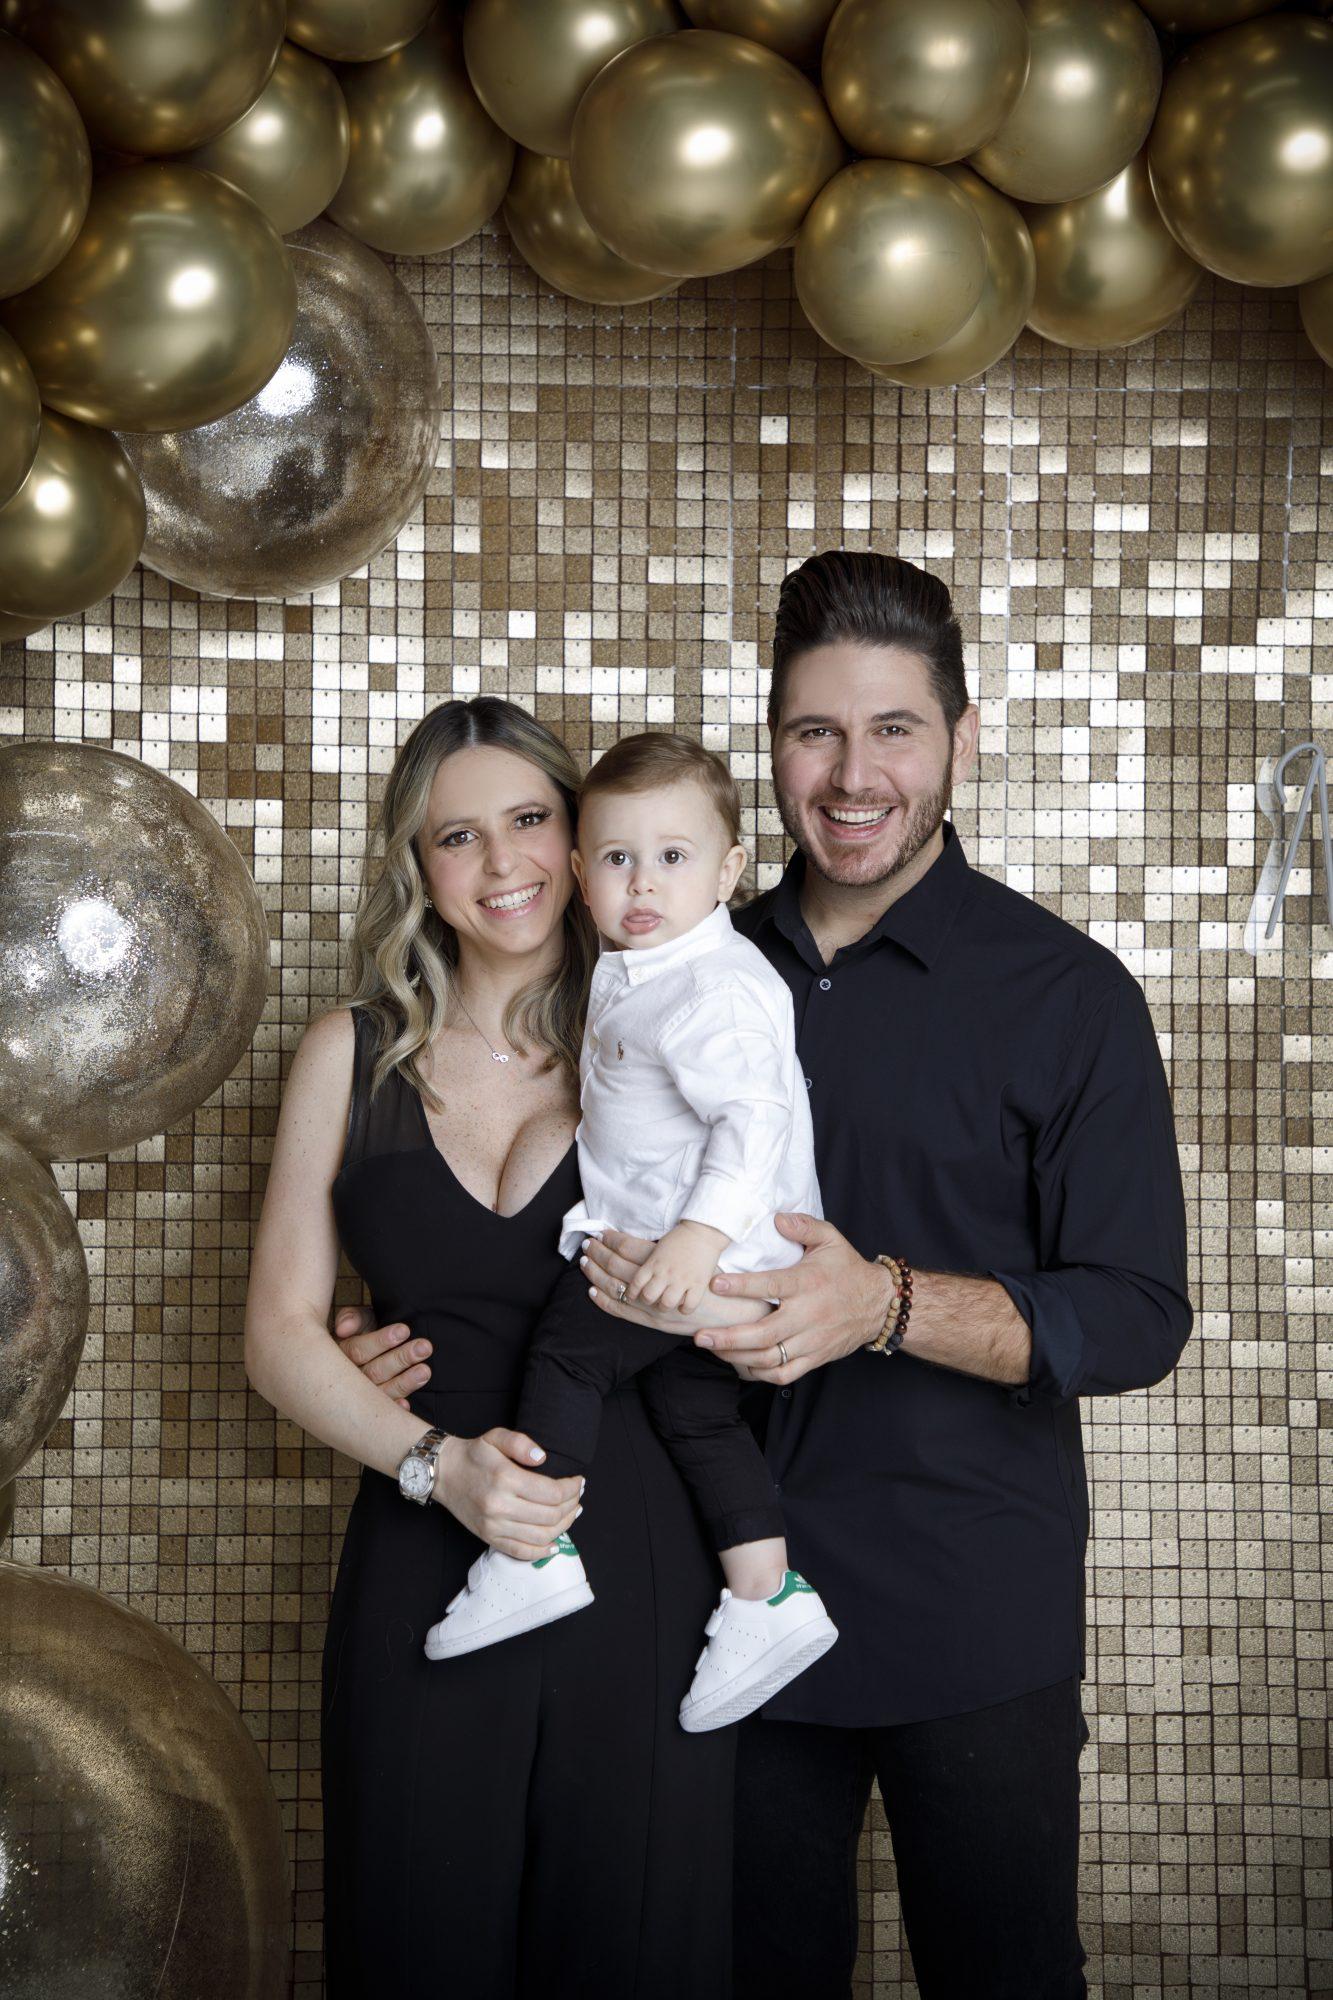 Chef James (James Tahhan) con su esposa Russel Conde y su hijo Jamie Tahhan Conde